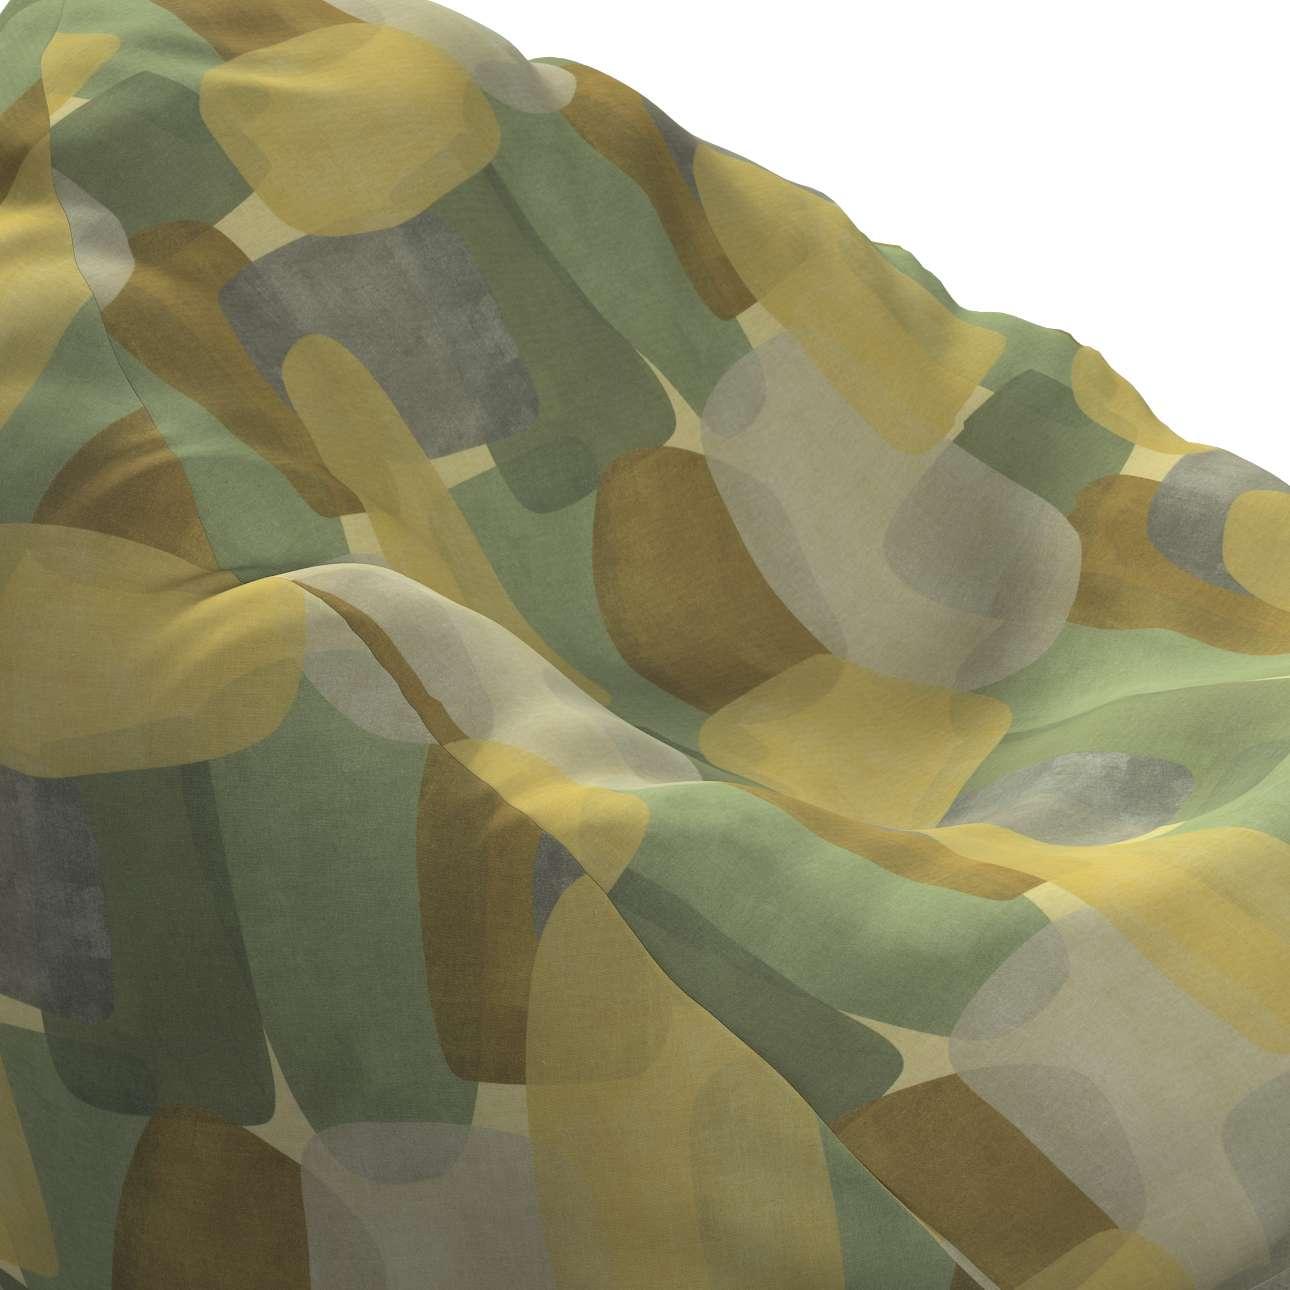 Pokrowiec na worek do siedzenia w kolekcji Vintage 70's, tkanina: 143-72